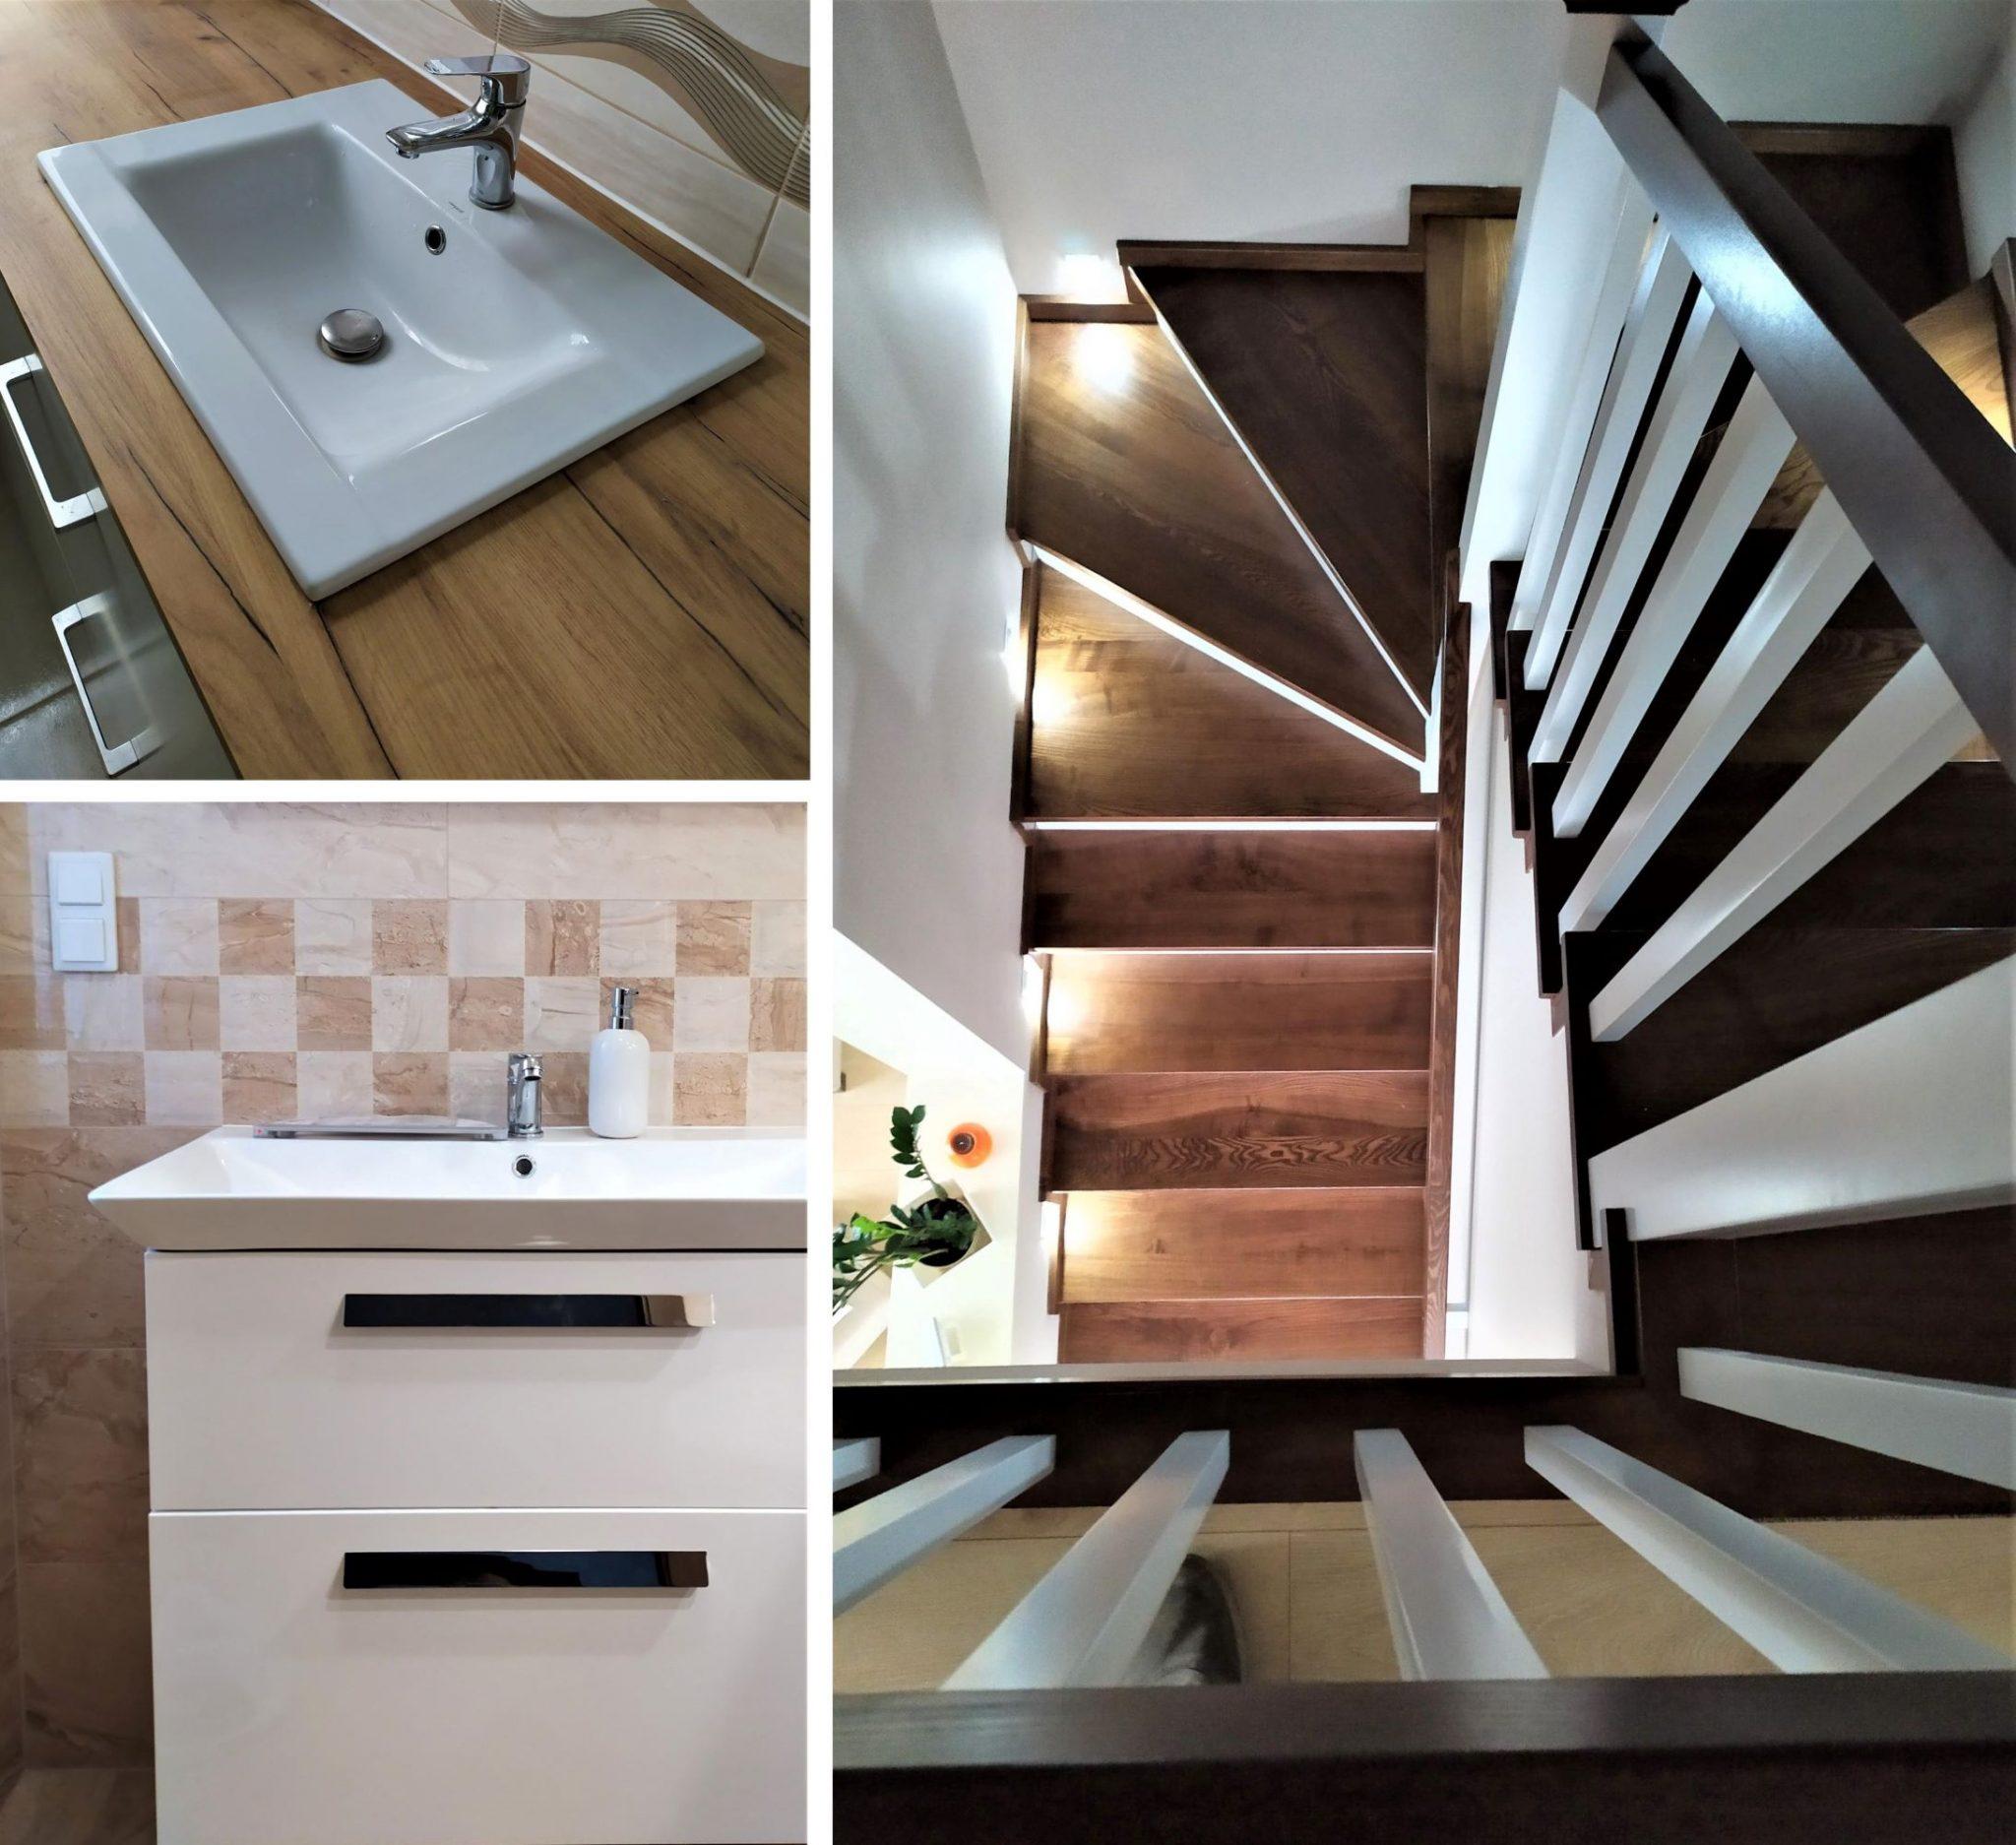 Kolaż zezdjęć przedstawiający podświetlone schody, umywalkę nadrewnianym blacie iumywalkę zszafką natle płytek wmałą kratkę.